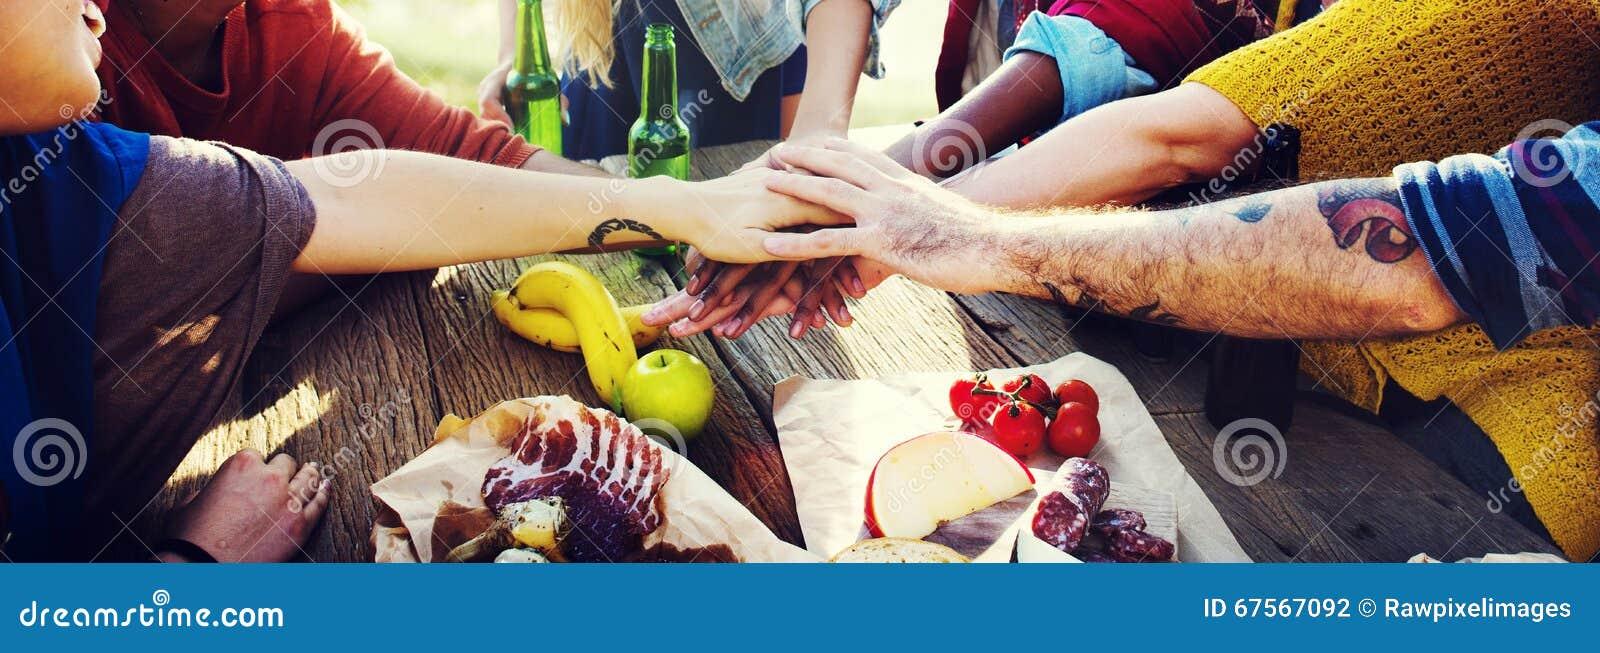 Concepto de la diversión de Team Friendship Leisure Vacation Togetherness